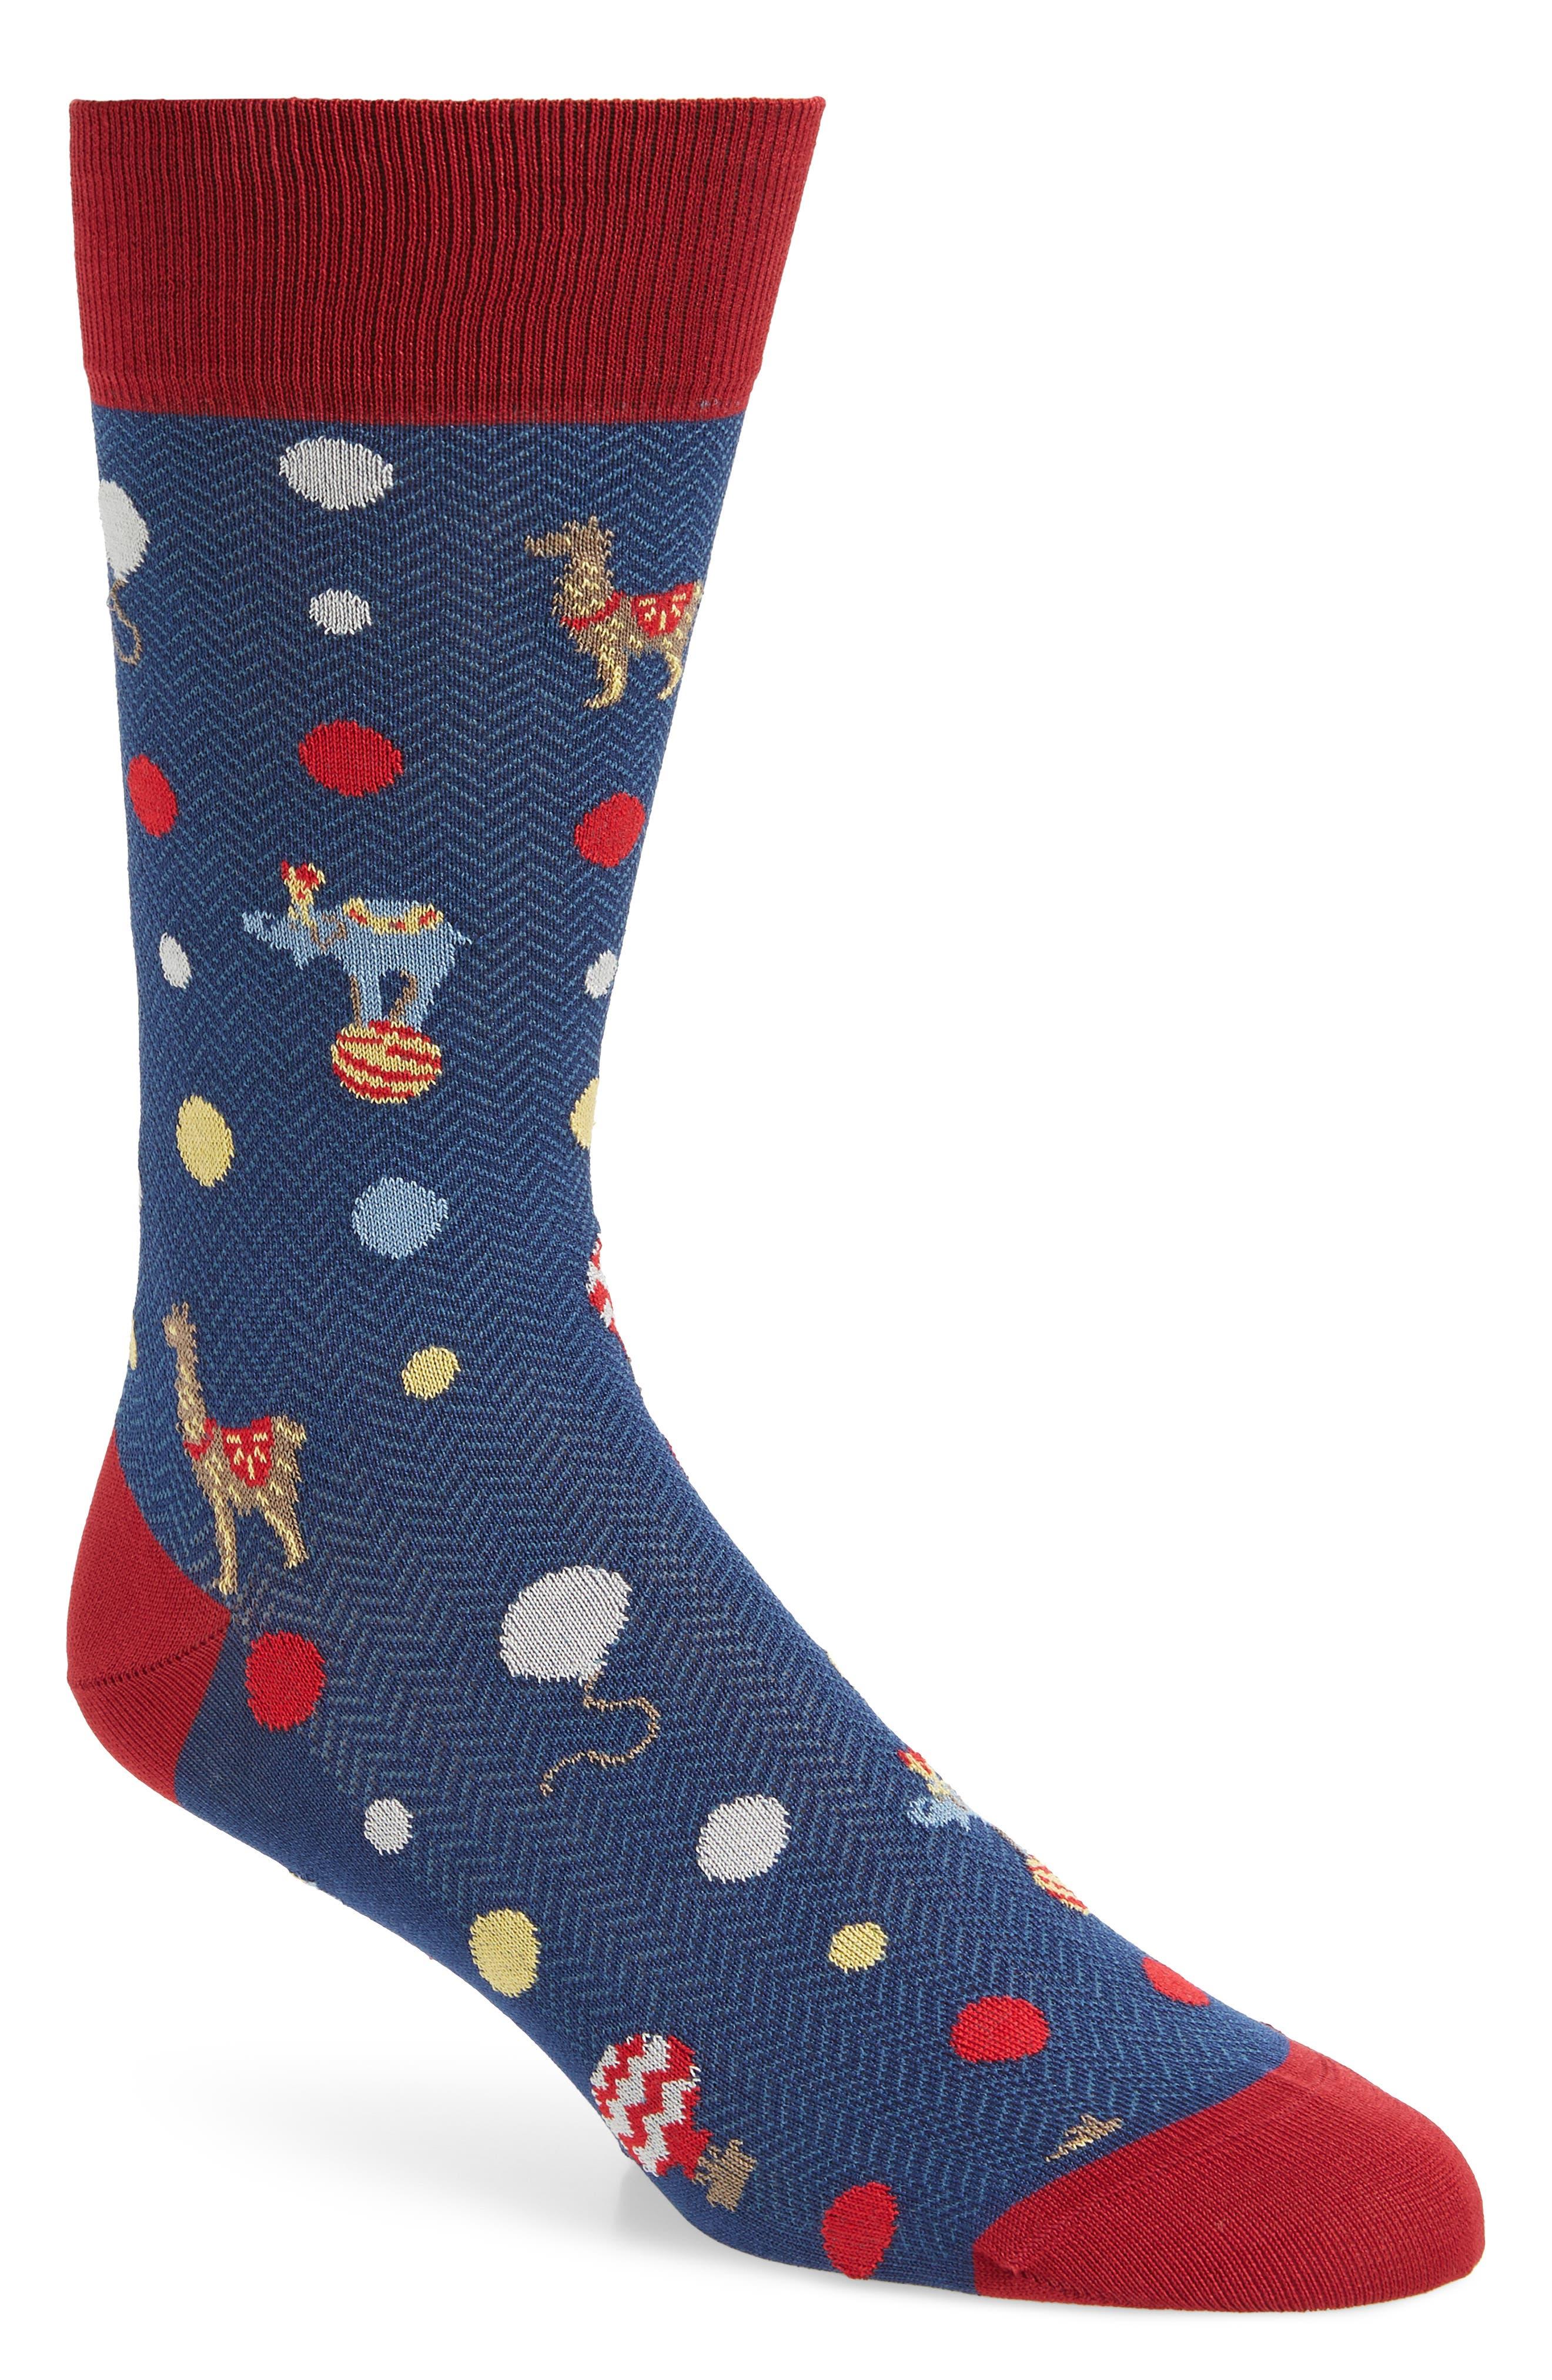 BUGATCHI, Jacquard Mercerized Socks, Main thumbnail 1, color, NAVY